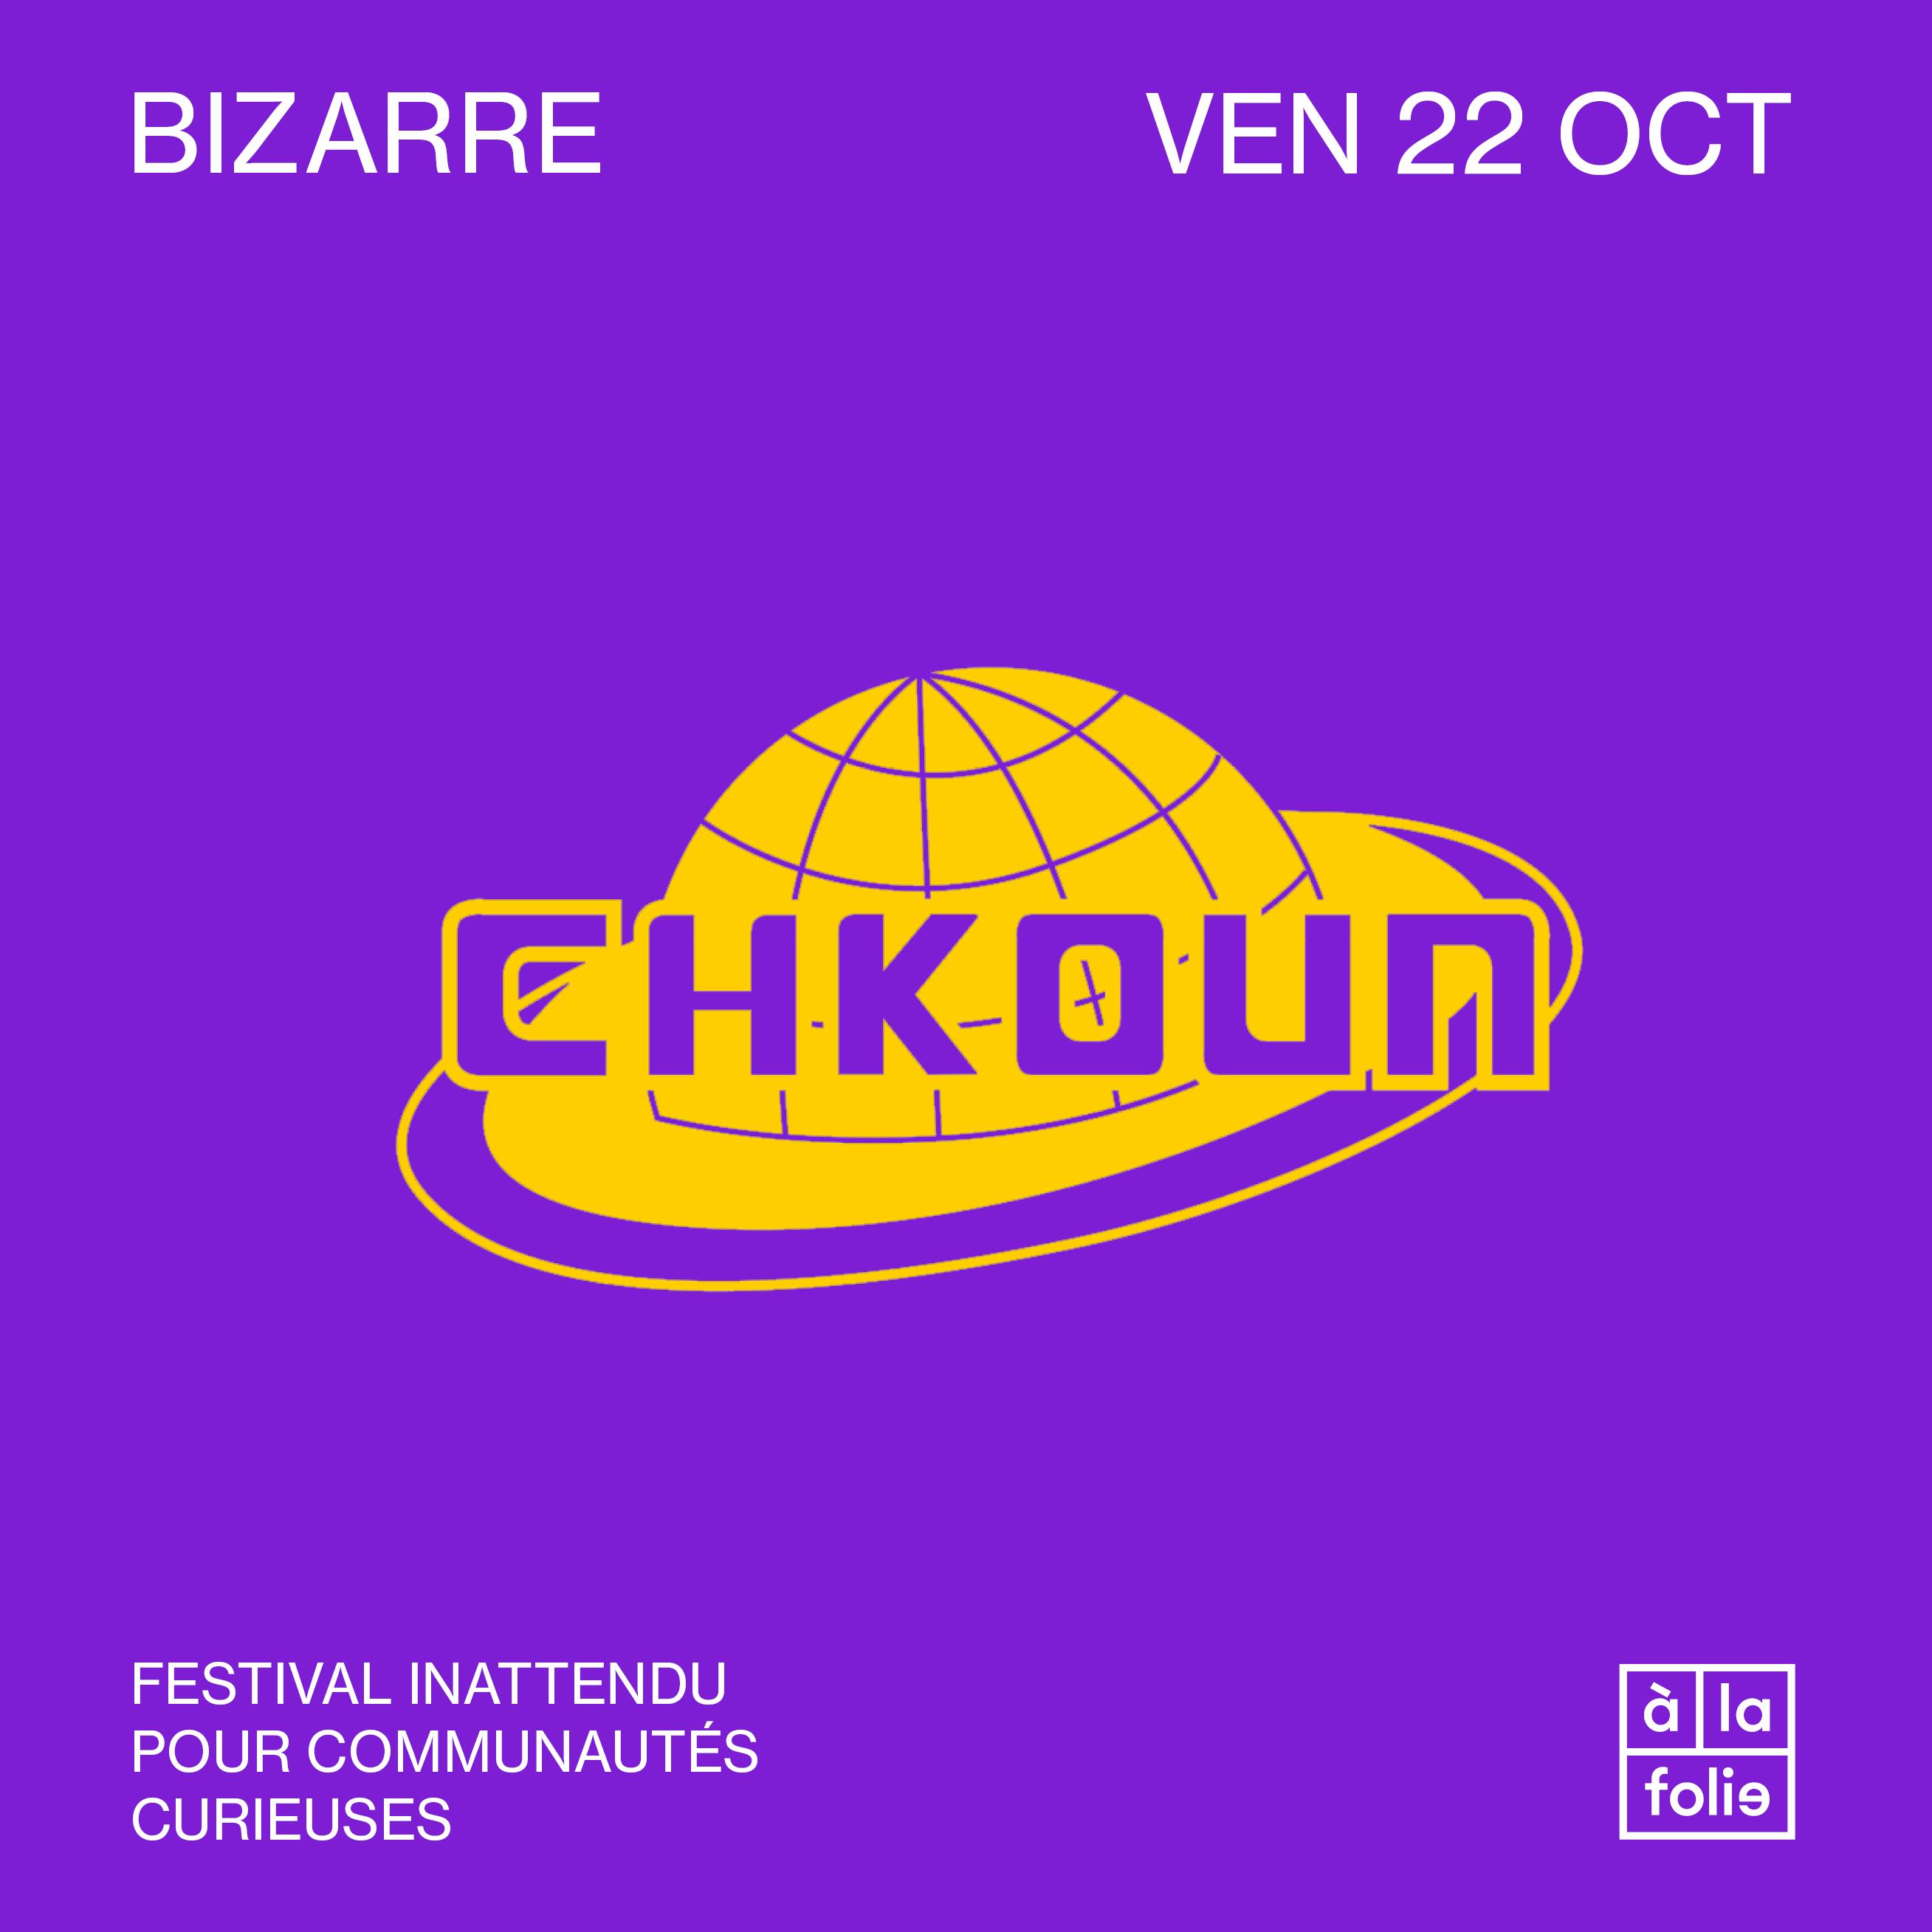 BIZARRE · CHKOUN IS IT ?